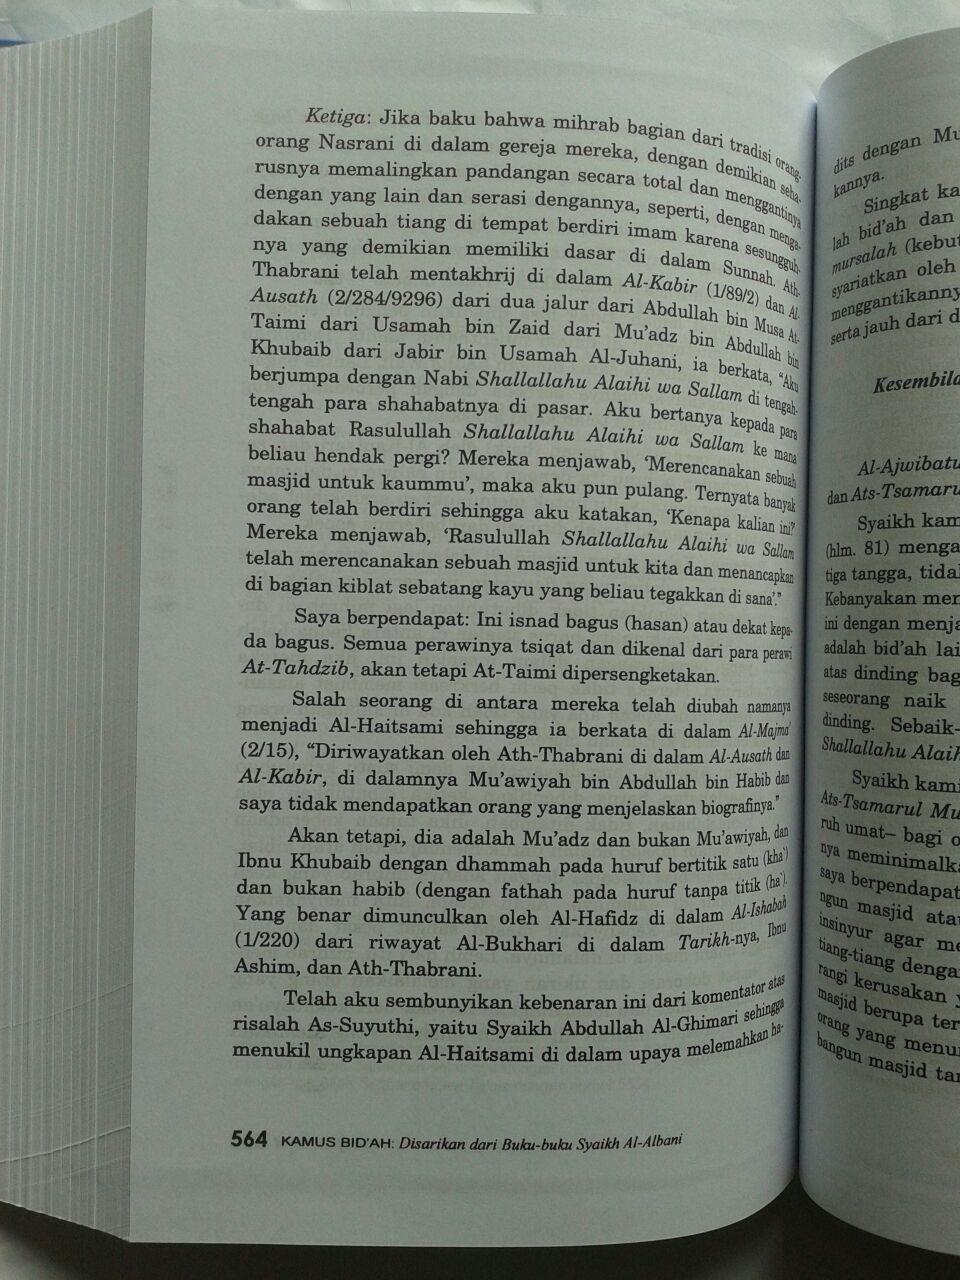 Buku Kamus Bid'ah Disarikan Dari Buku Buku Syaikh Al-Albani 240,000 20% 192,000 isi 2